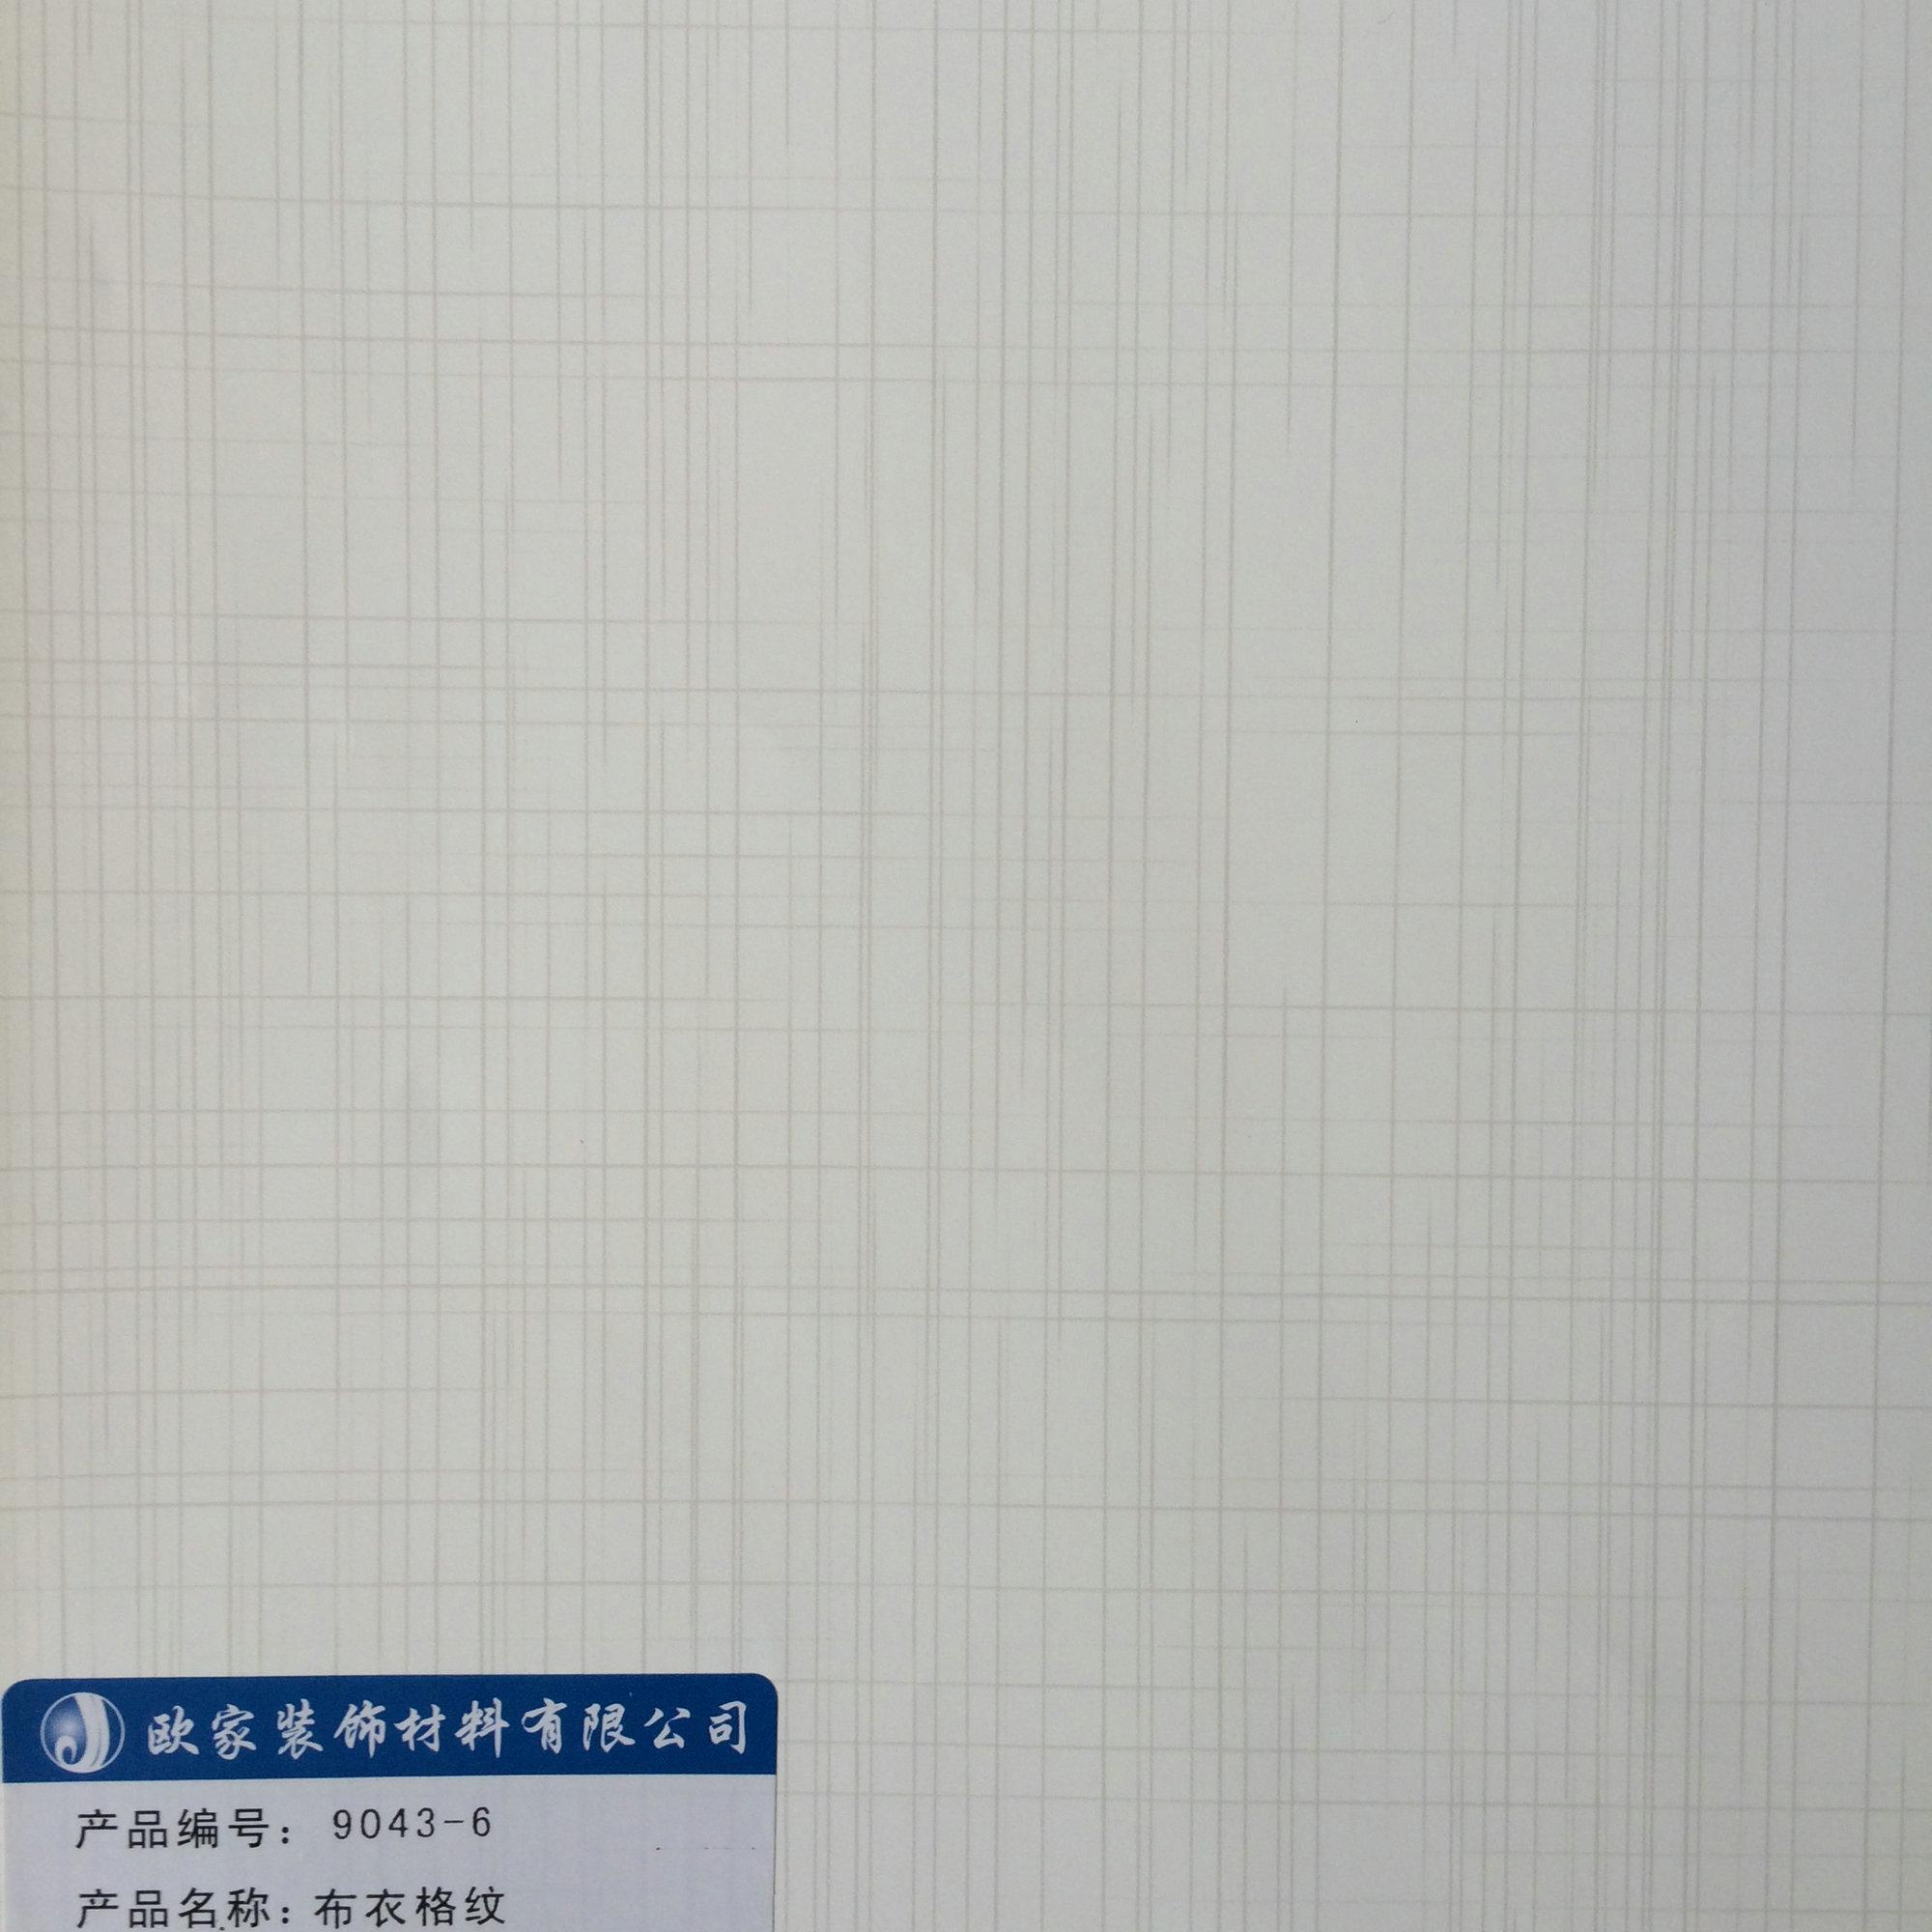 三聚氰胺貼紙